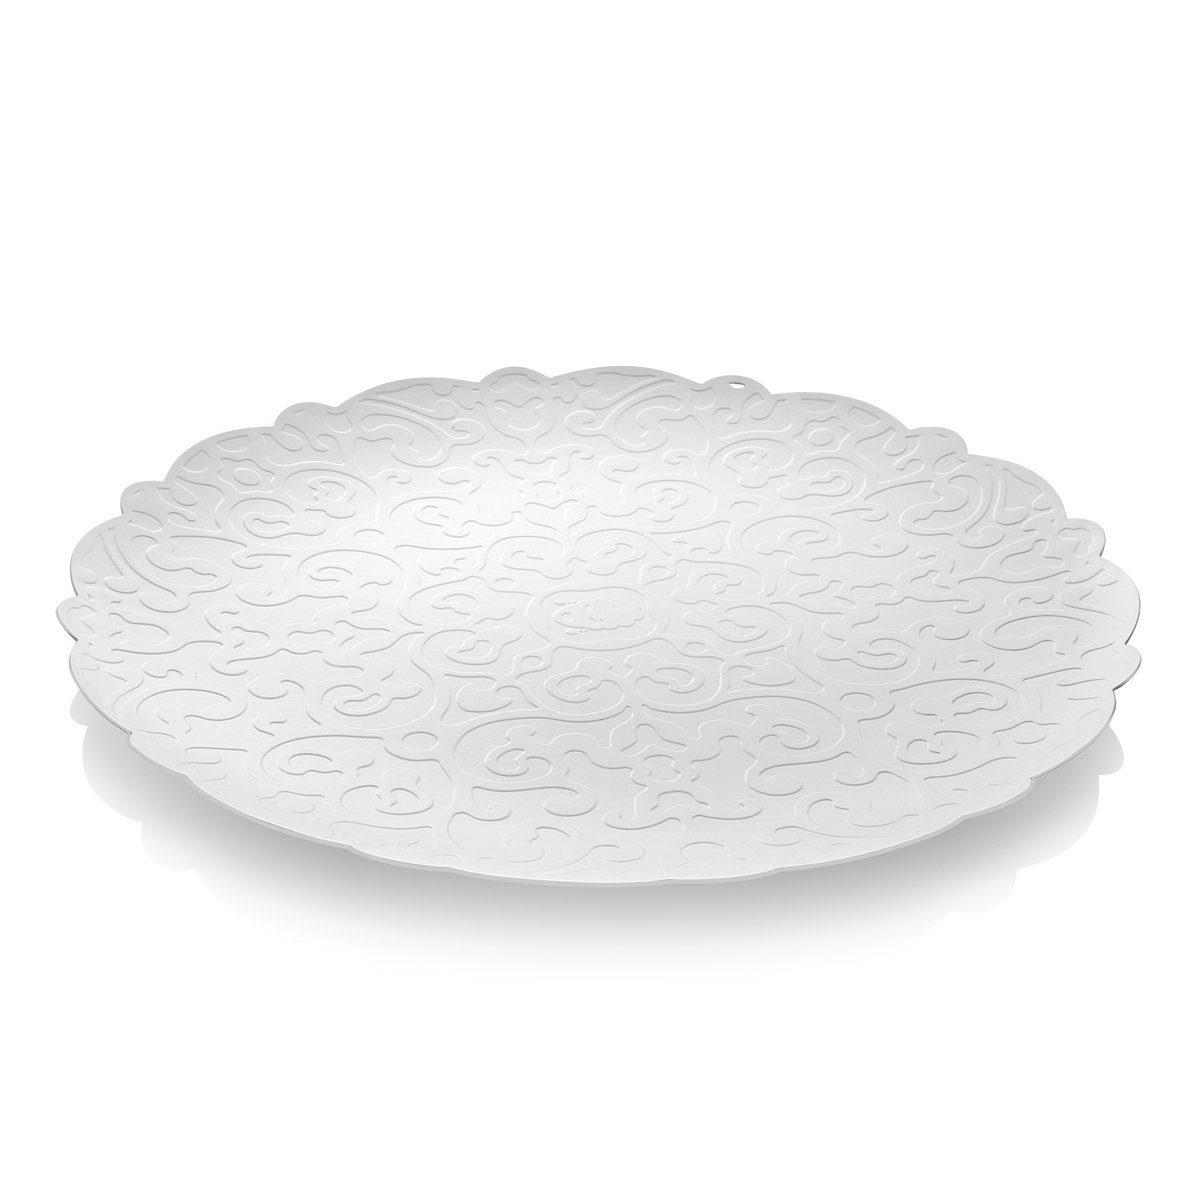 Alessi Alessi Tablett mit Relief, weiß 35 cm